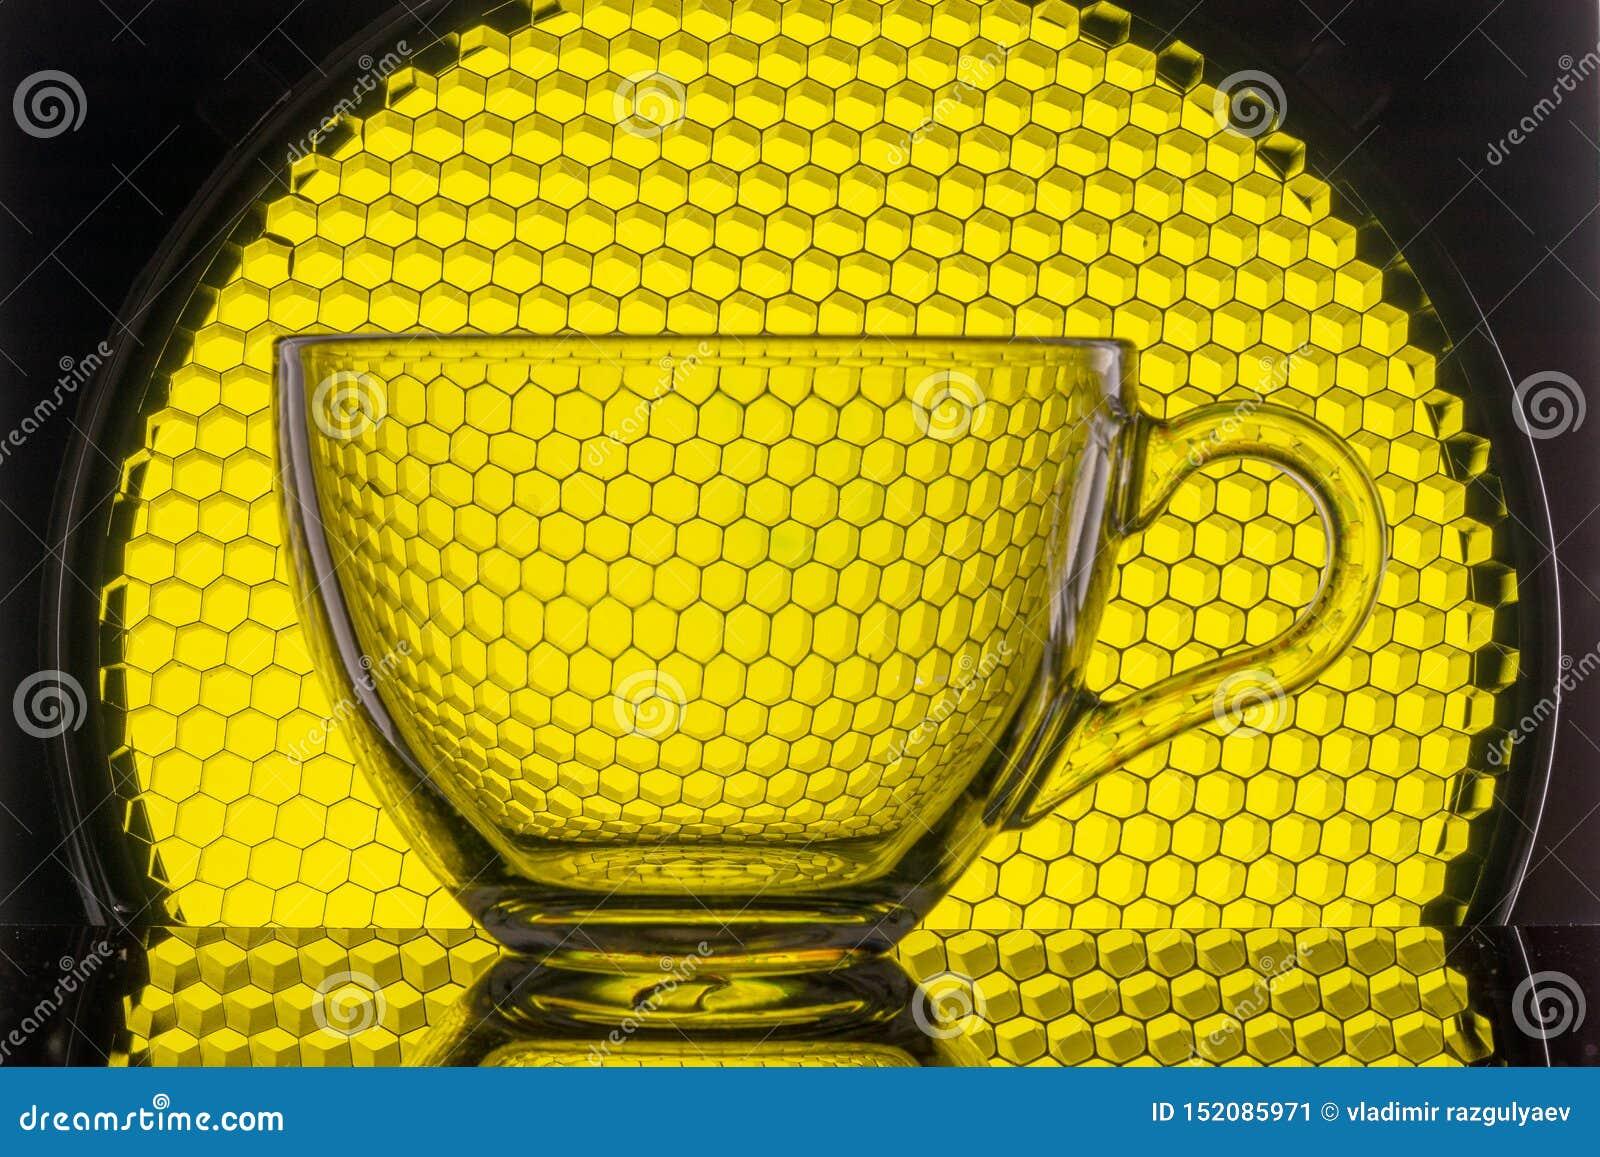 Tazza trasparente su un fondo del favo giallo per fotografia